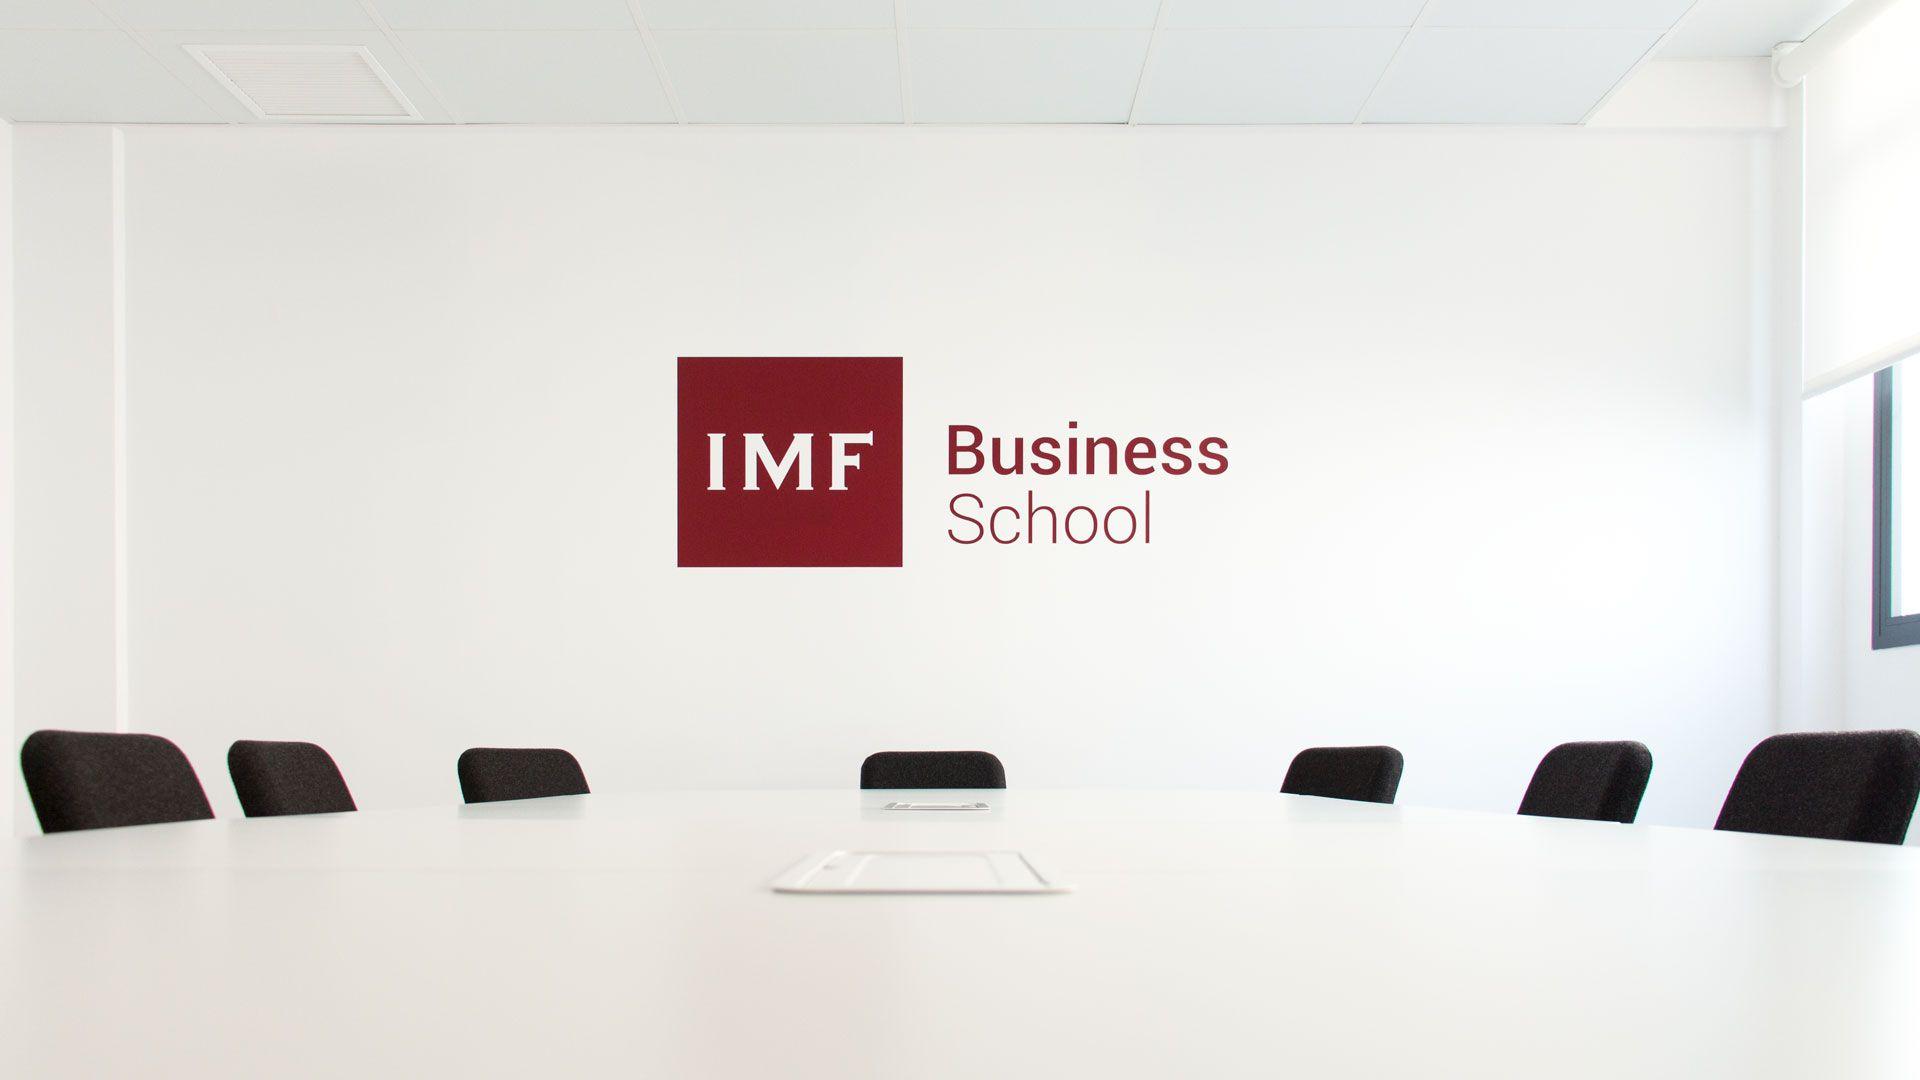 Alerta alimentaria: IMF Business School da las claves para diferenciar bulos de las intoxicaciones reales